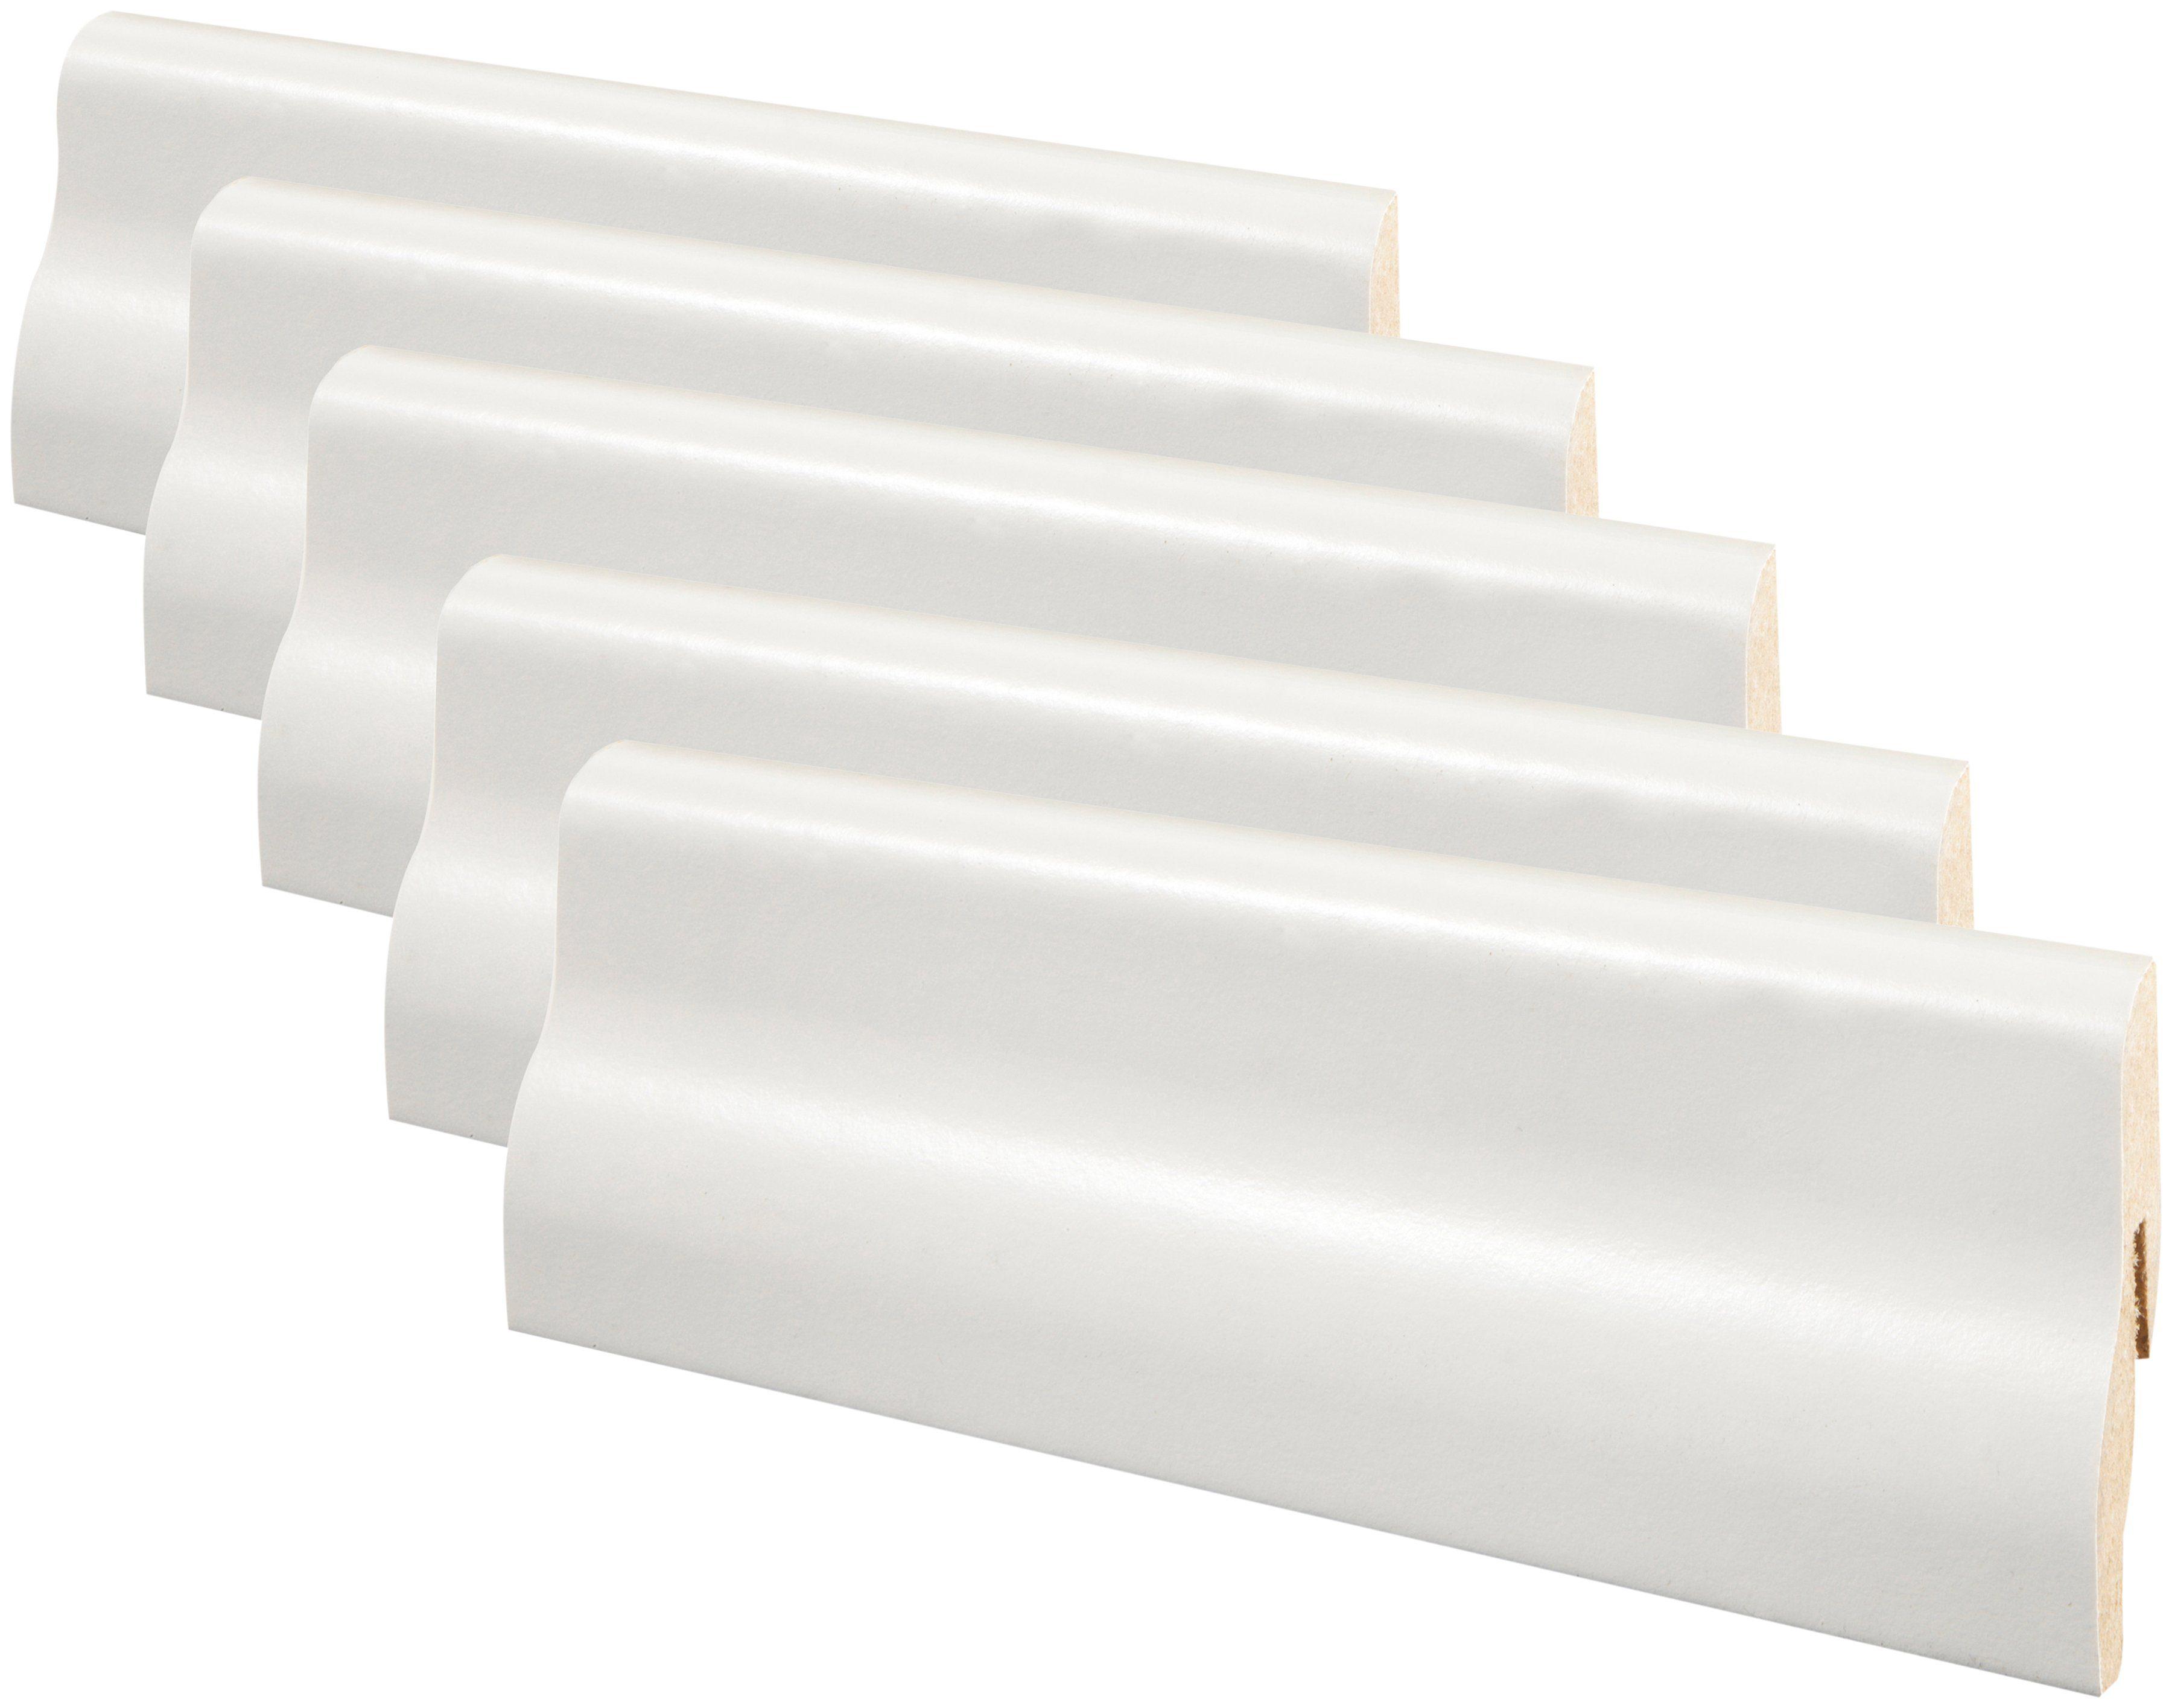 MODERNA Sockelleiste »Steck-Fußleiste SFL 50 - weiß«, 5er-Pack, Höhe: 5 cm